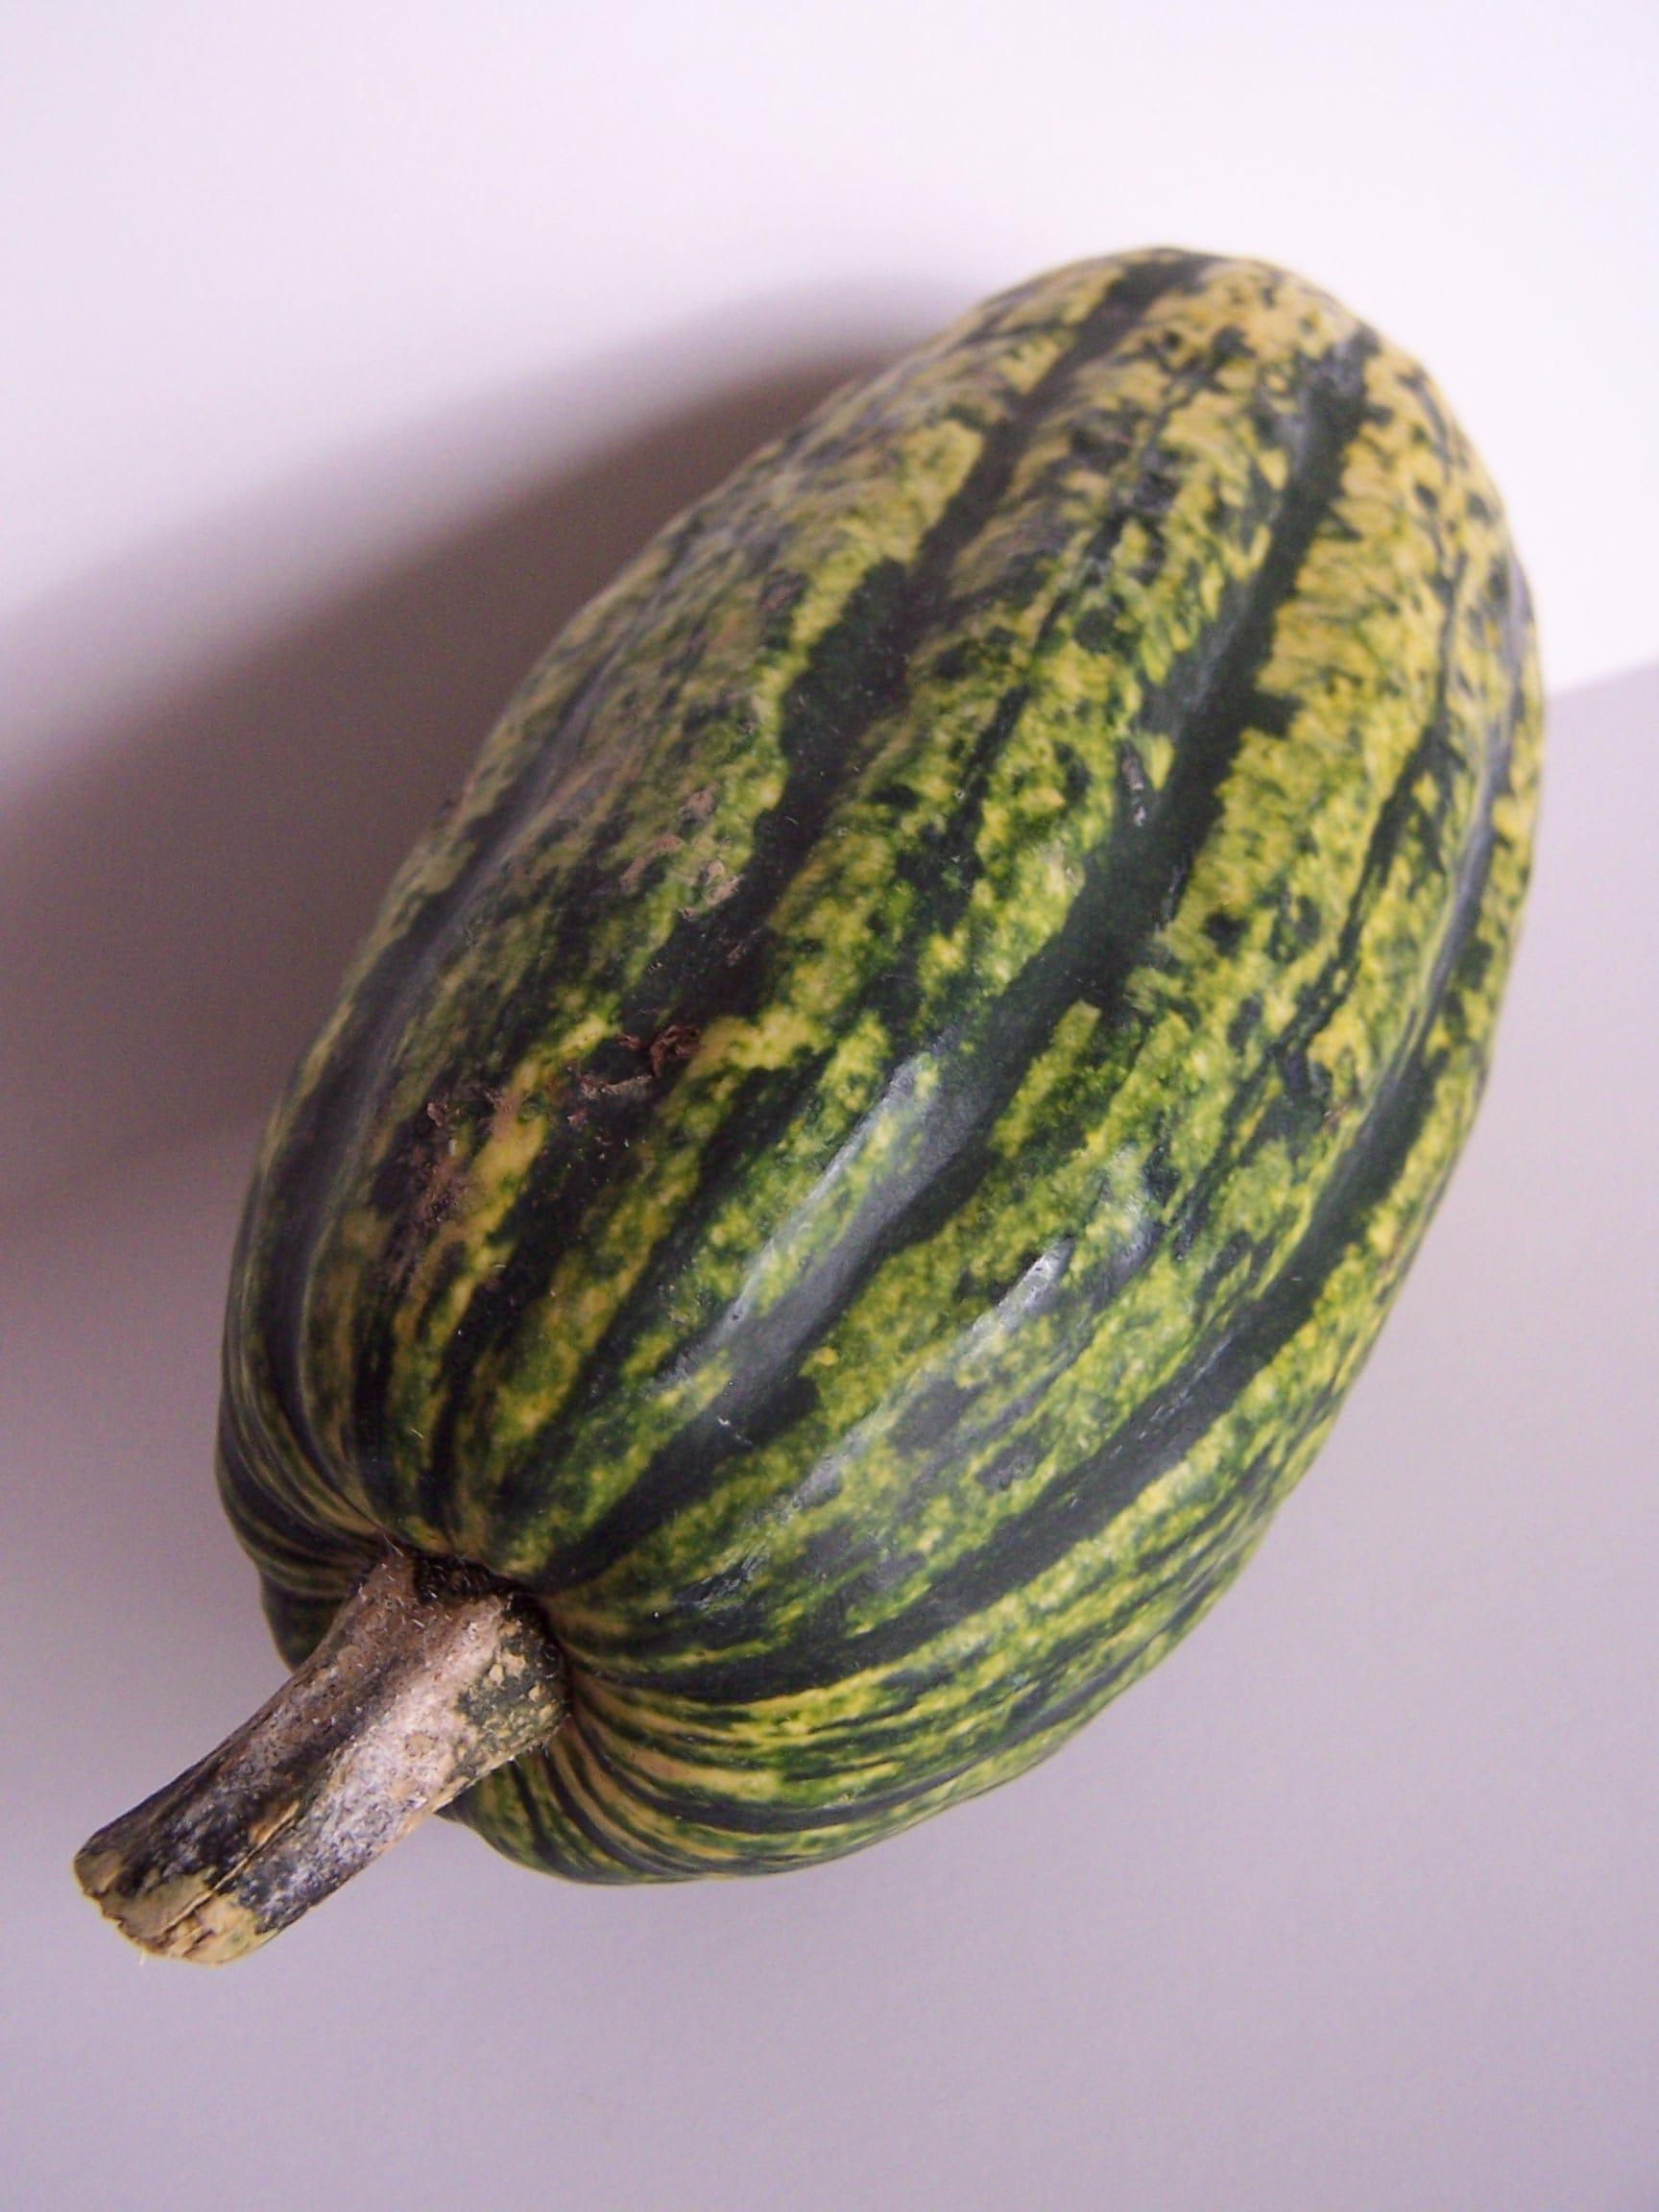 Delicata squash whole